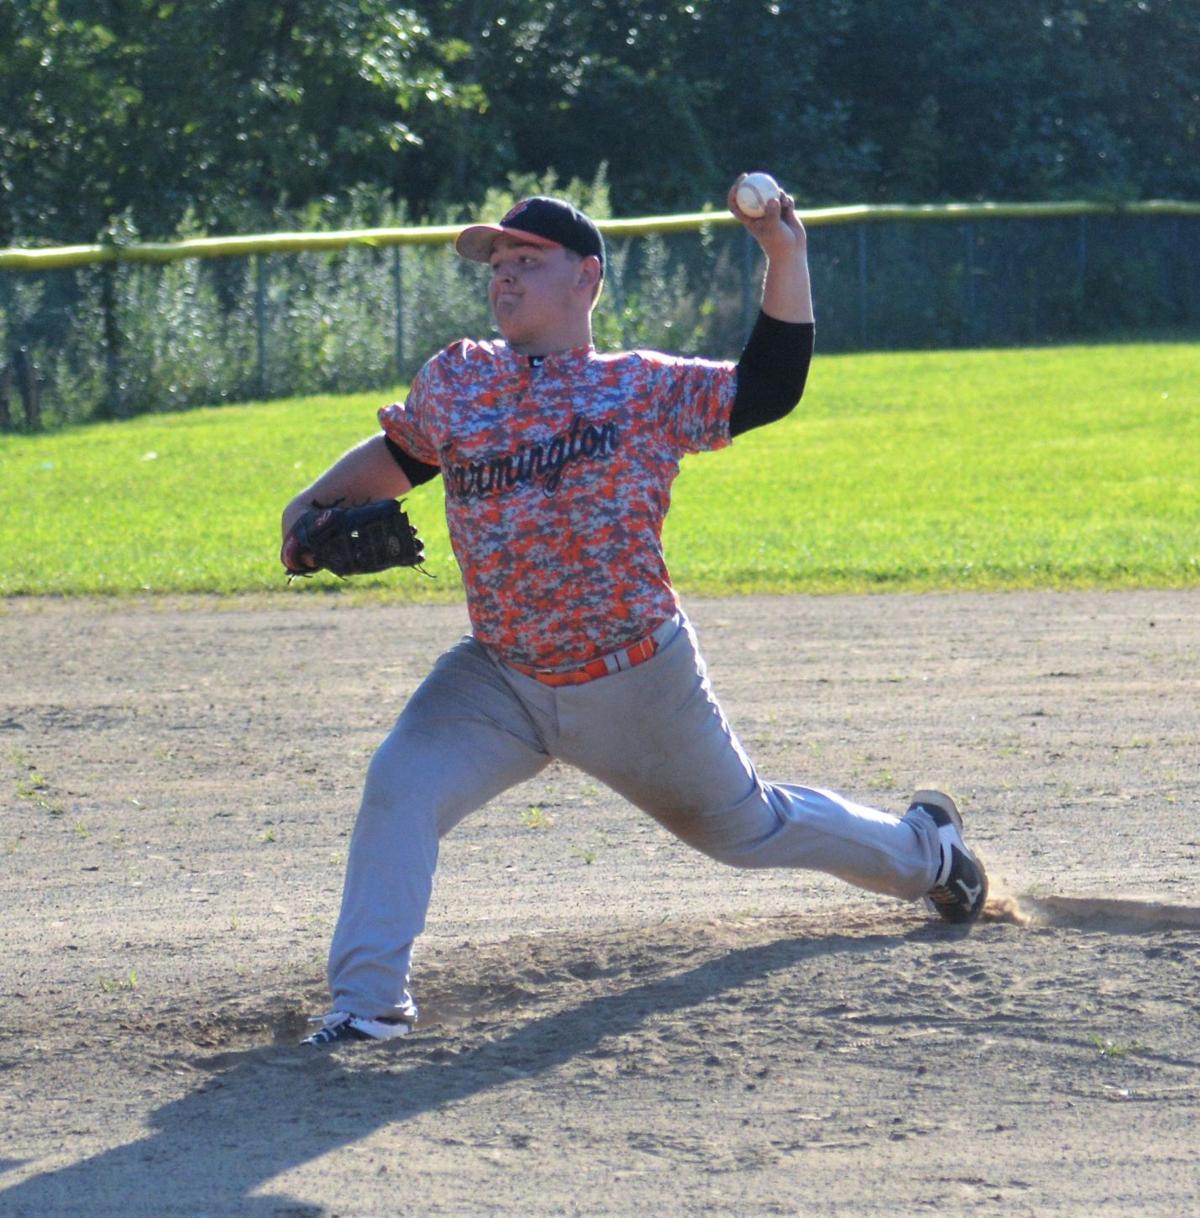 VanSickle throws